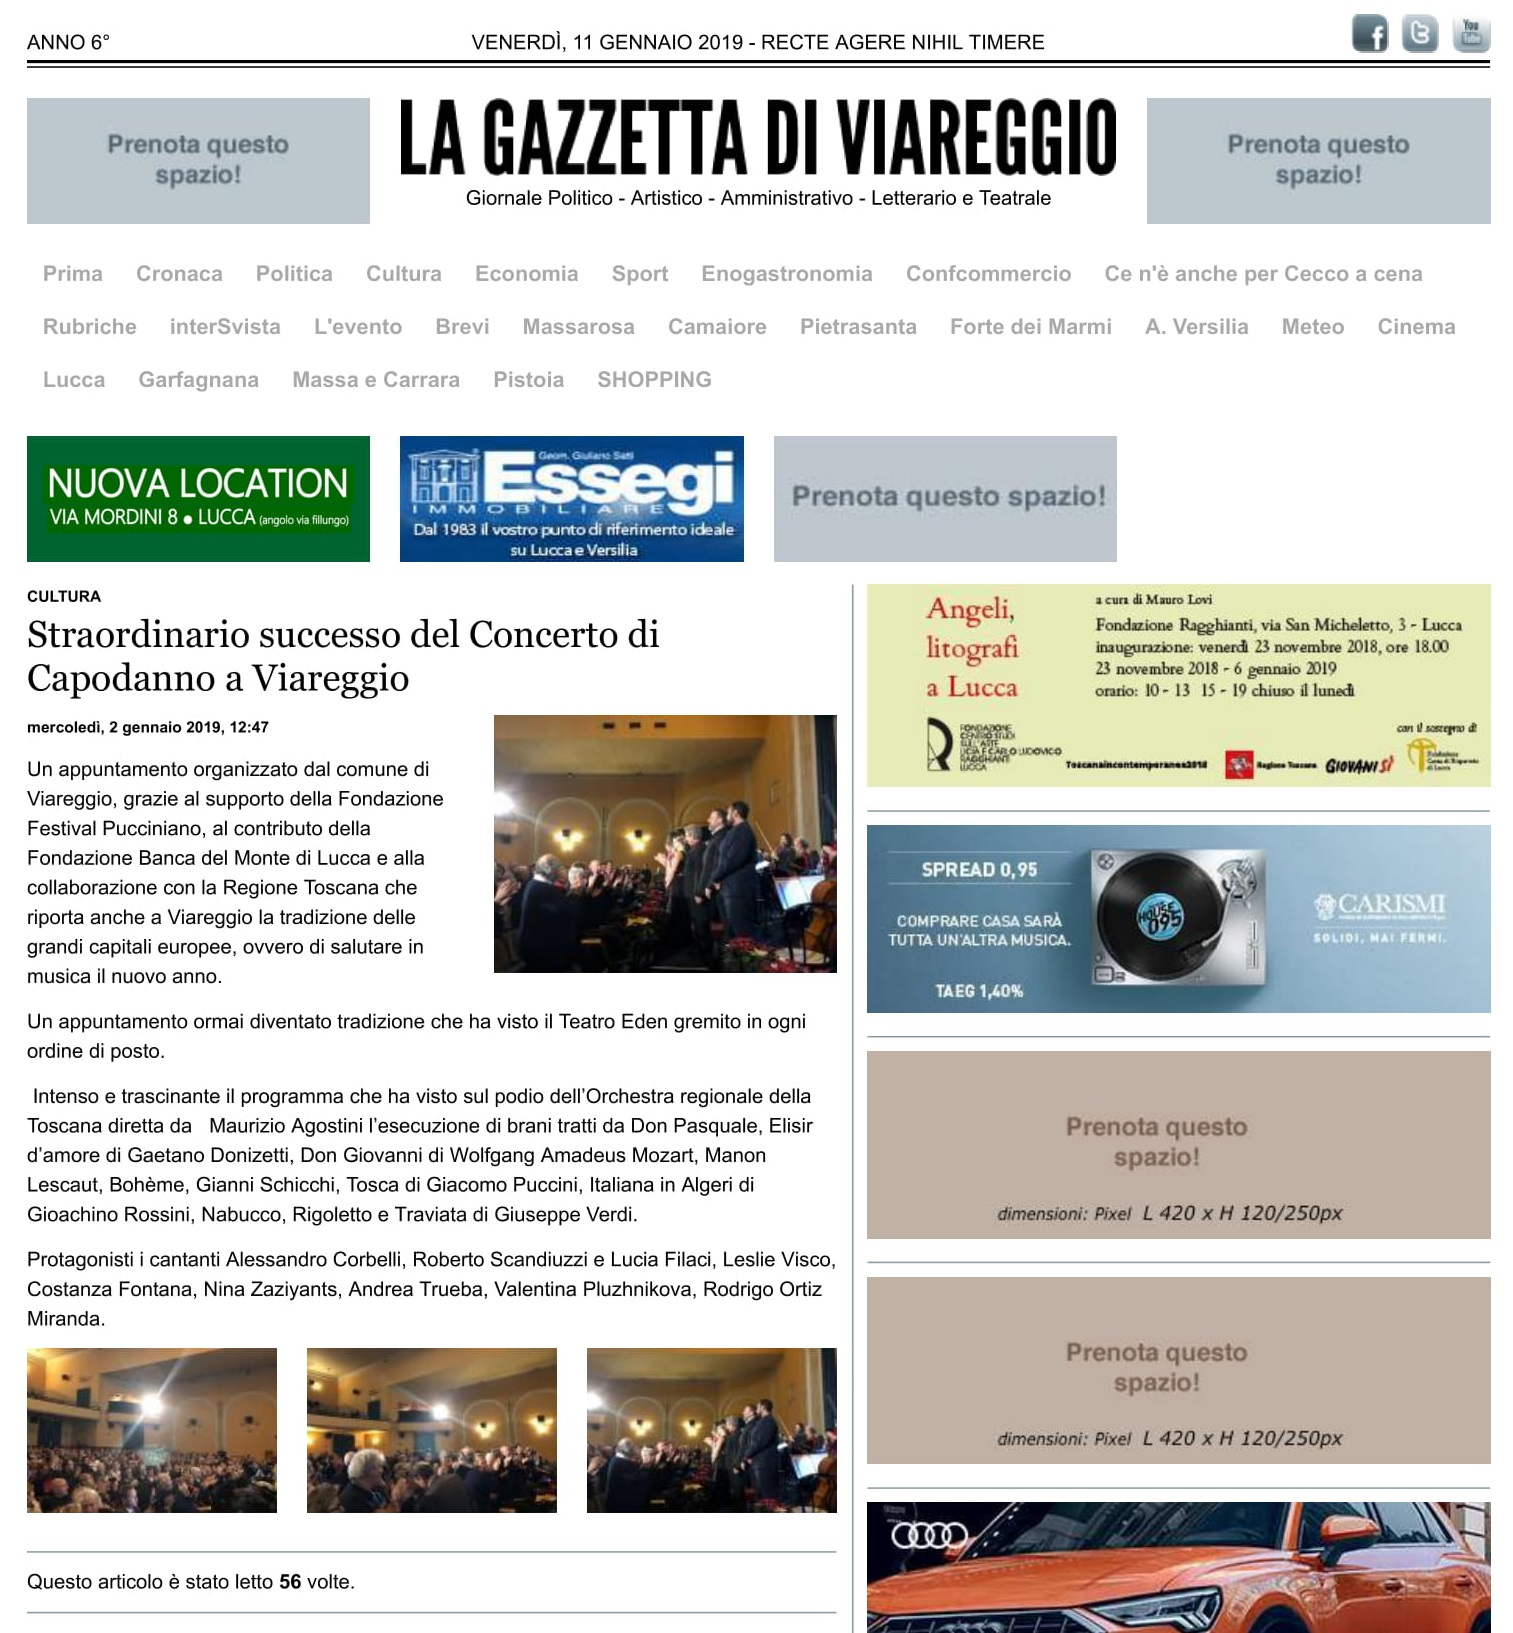 Straordinario successo del Concerto di ...a Viareggio » La Gazzetta di Viareggio-1